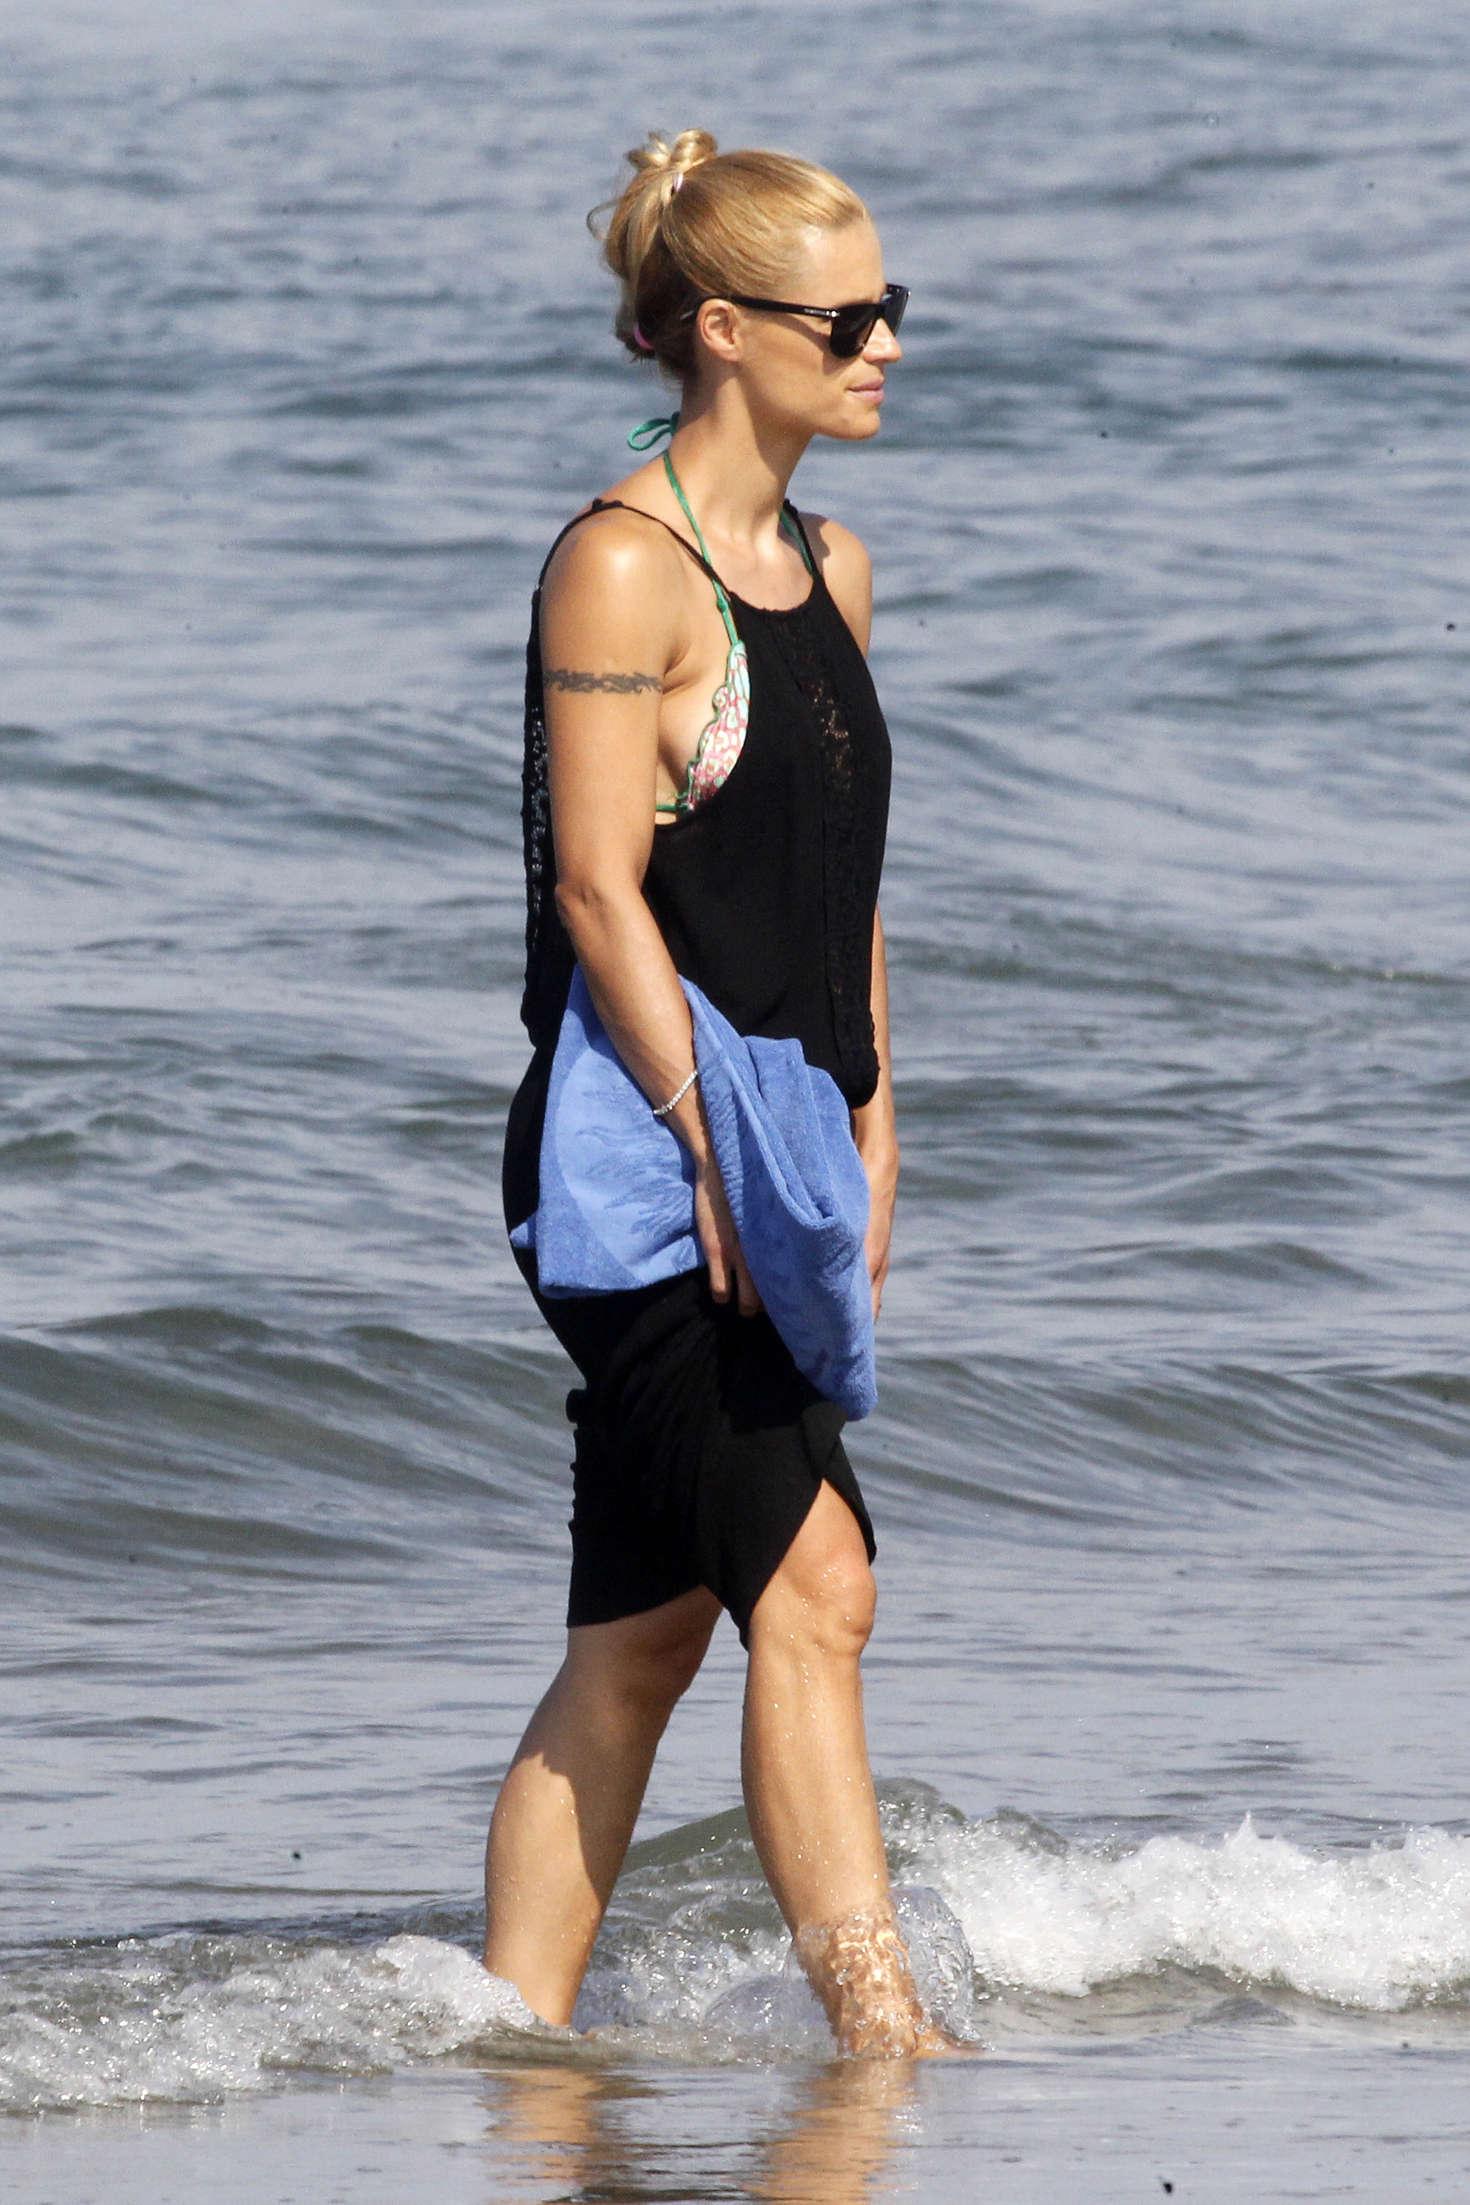 Michelle Hunziker in Bikini -01 | GotCeleb